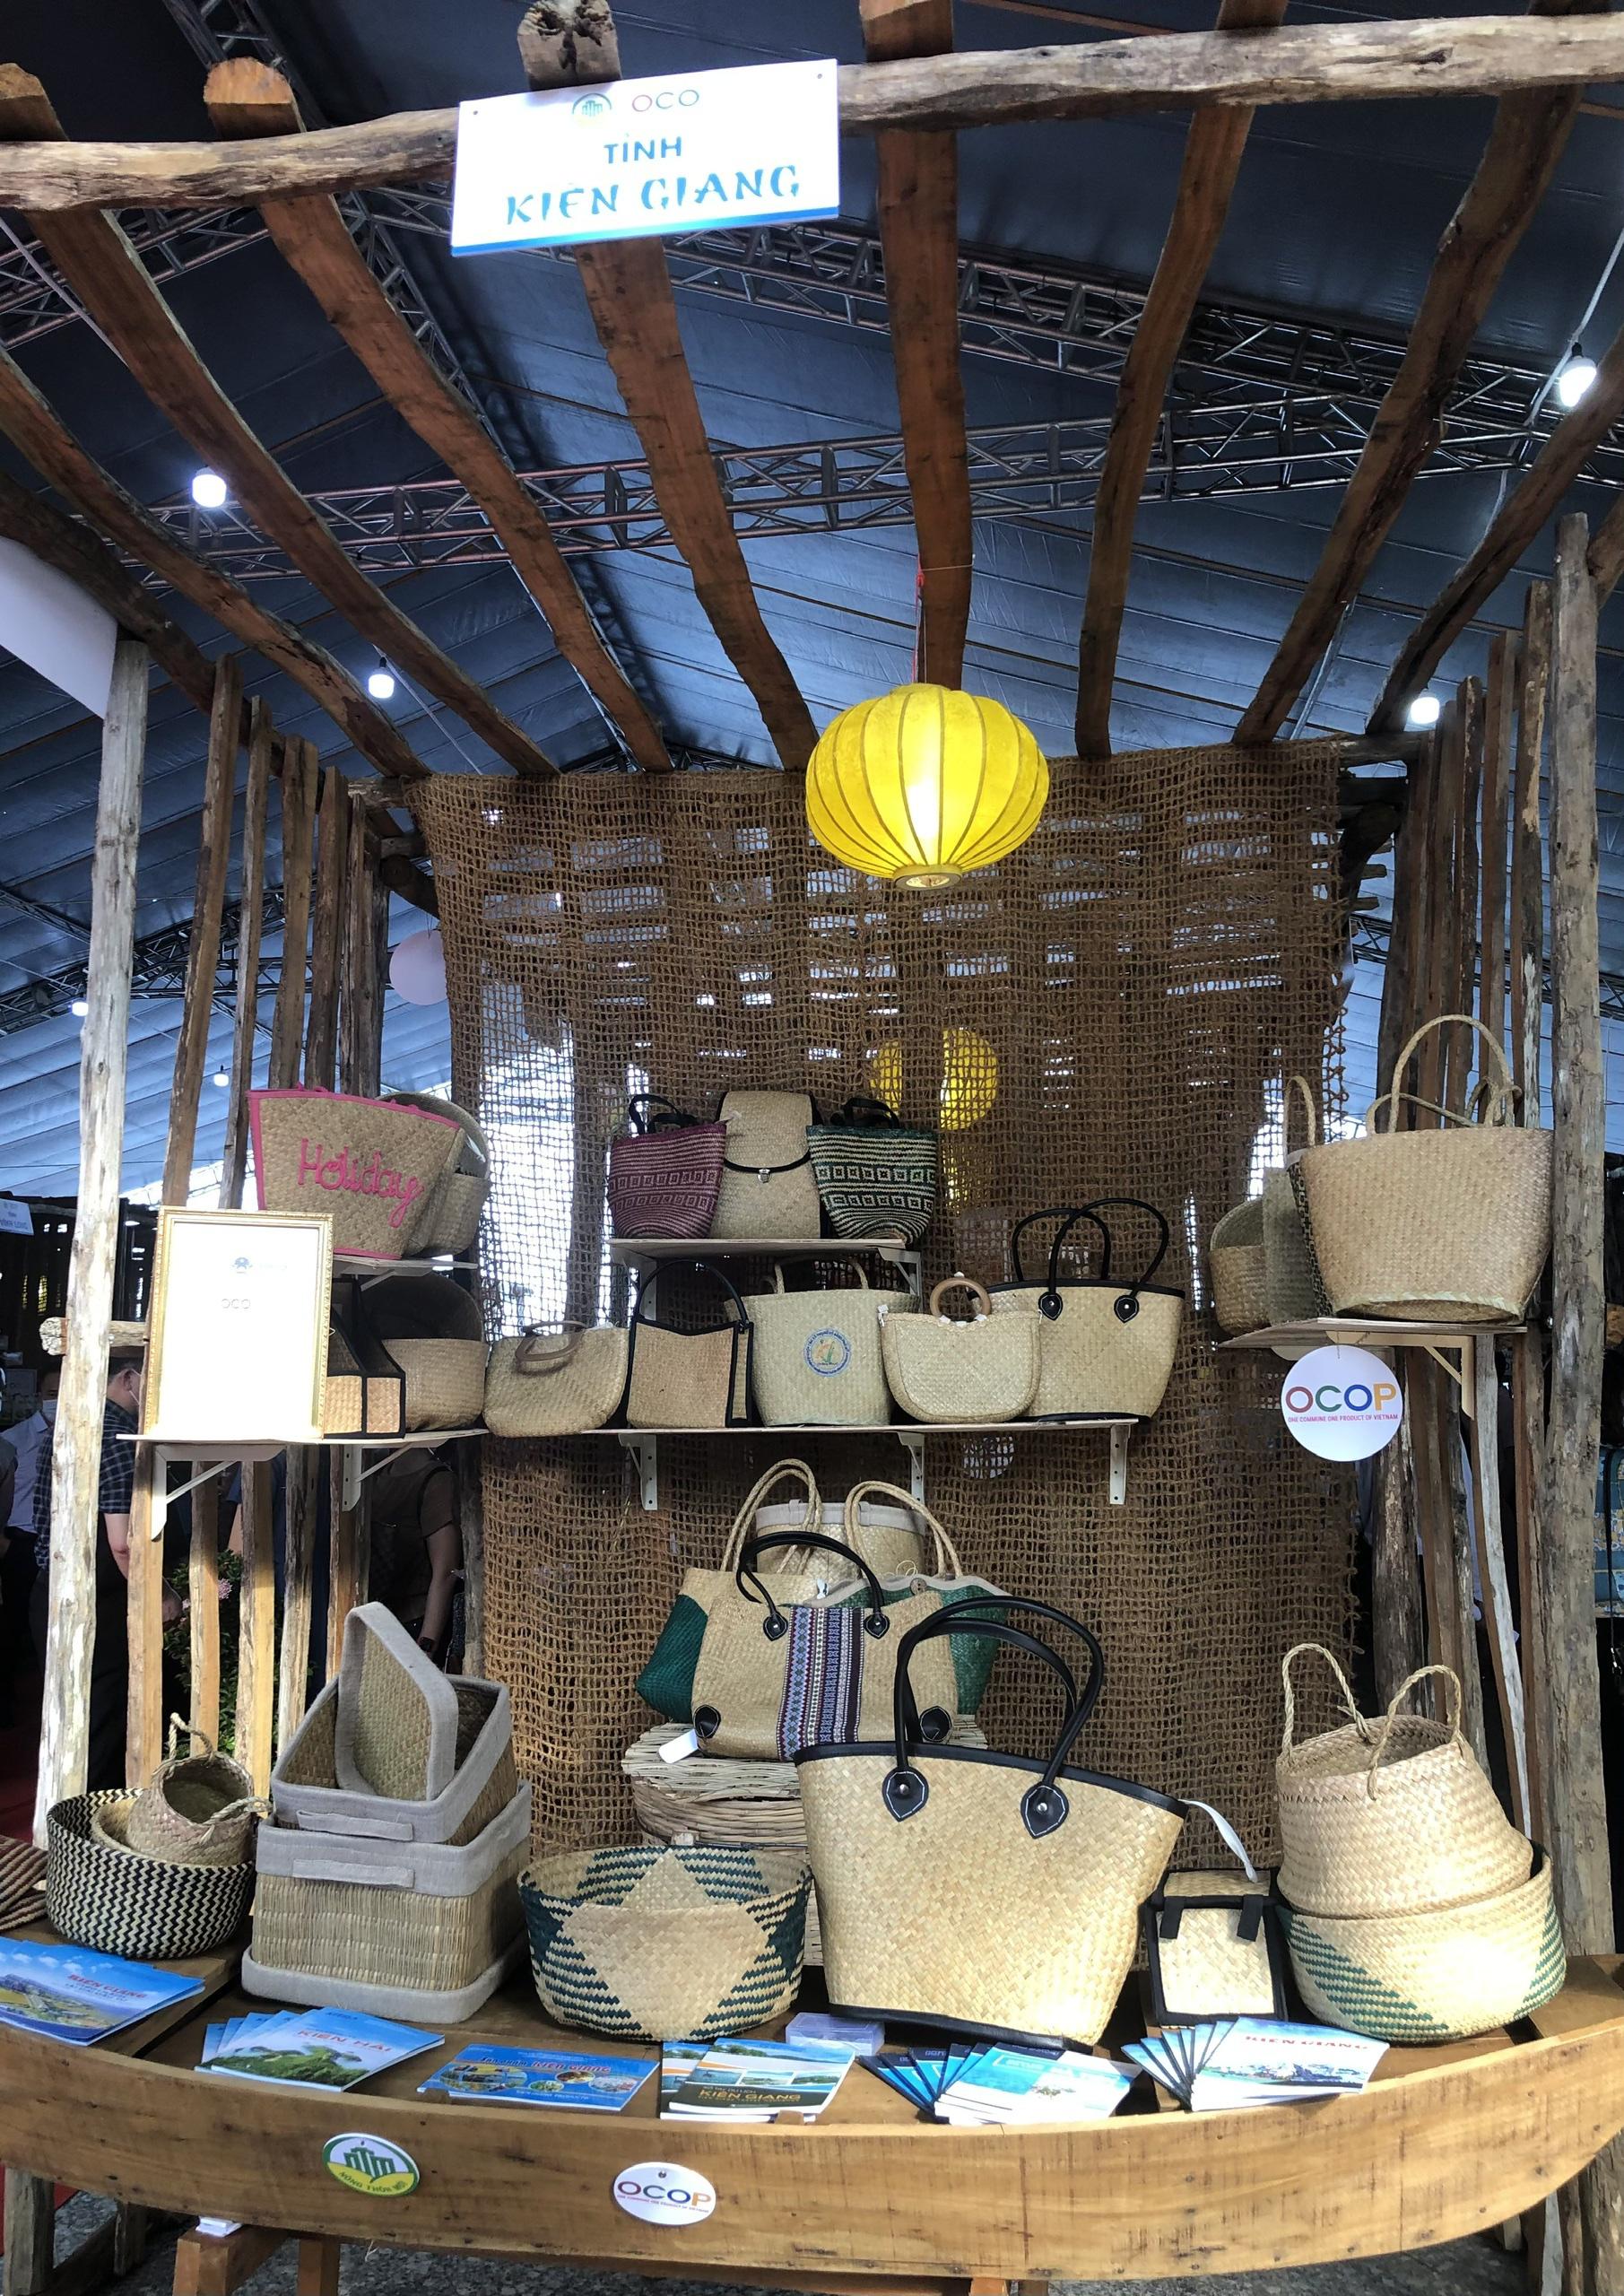 Hàng trăm sản phẩm OCOP – Hương sắc miền Tây hội tụ tại Phú Quốc - Ảnh 3.